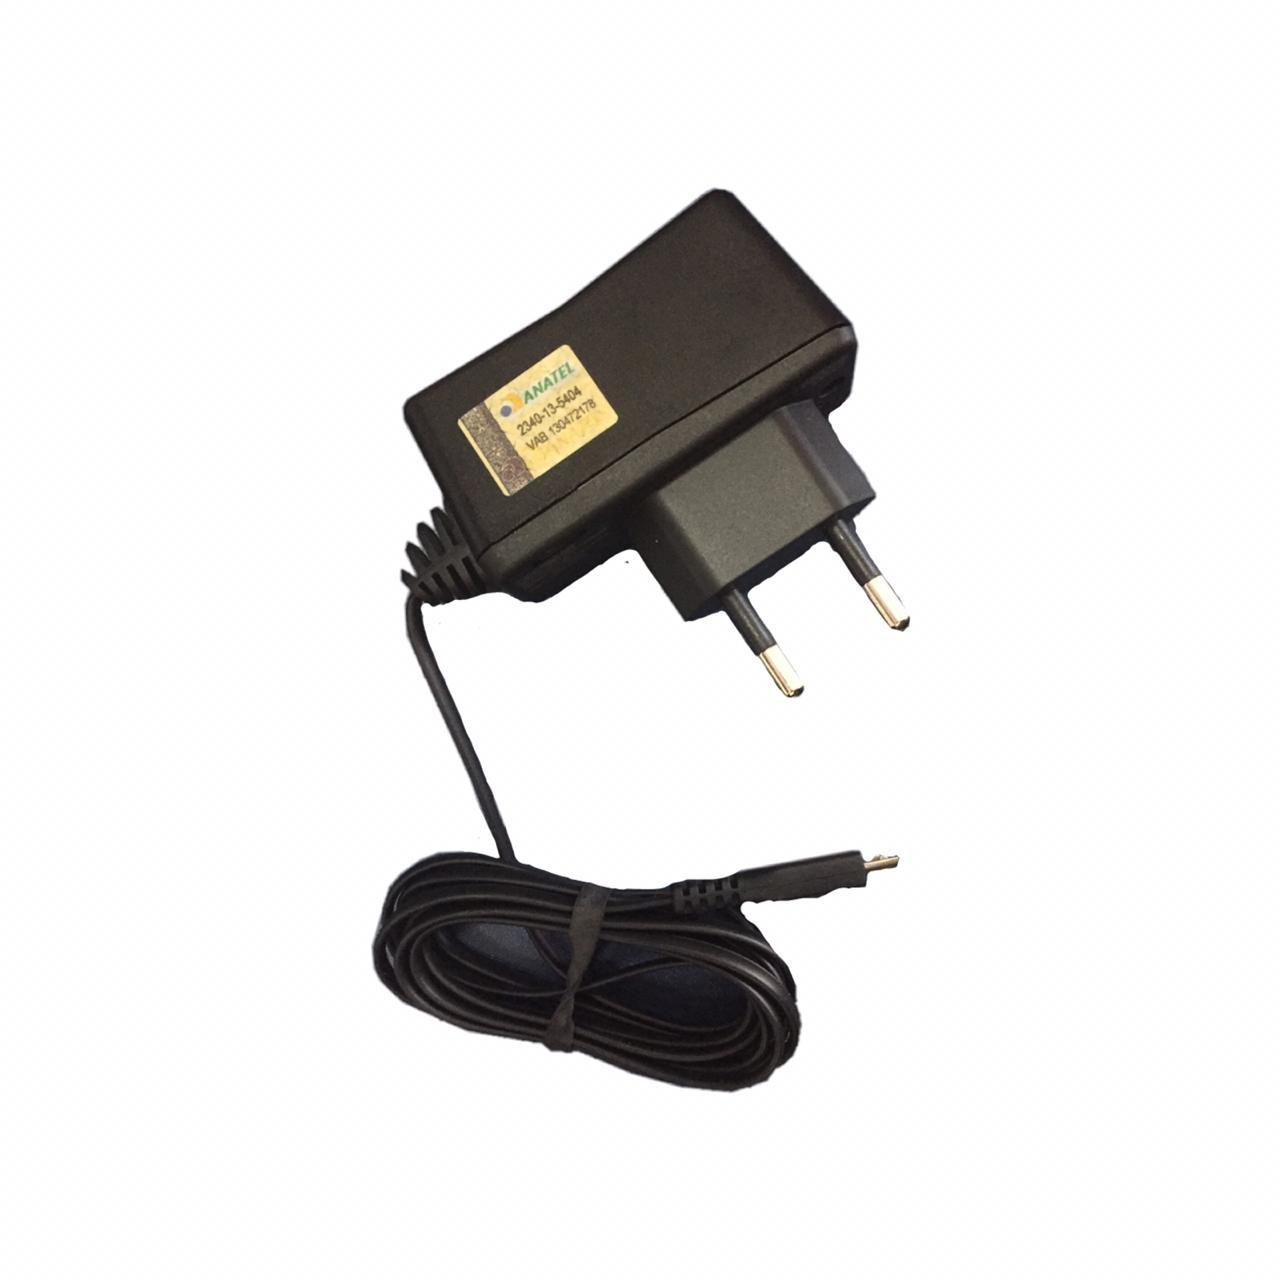 Carregador Alcatel 5037 4033 5020 6030 4007 4034 9008 8050 5051 - POP C5 POP C3 IDOL A3 XL